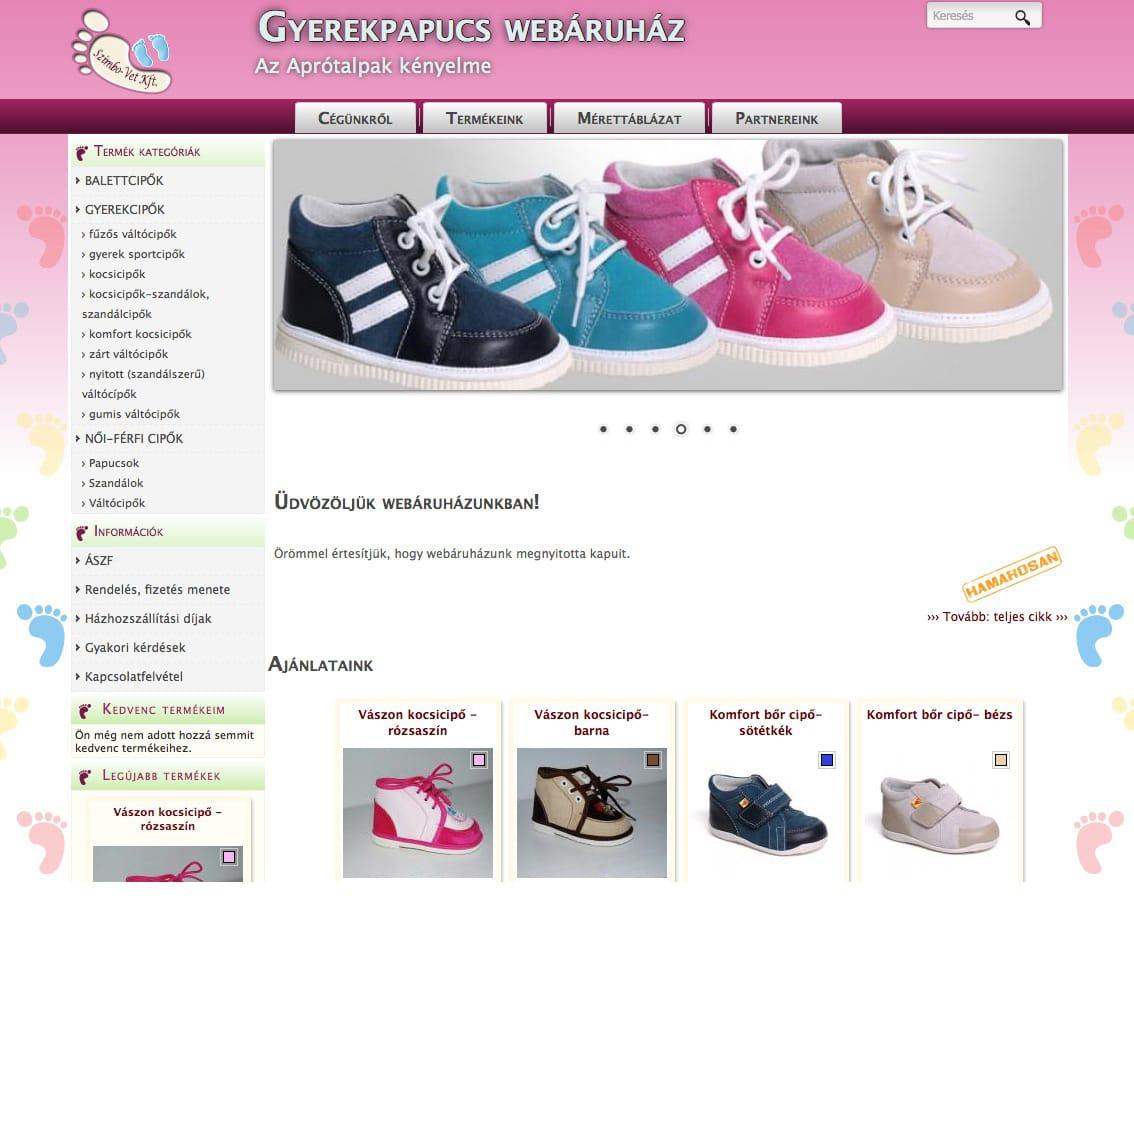 82d2683a8161 Gyerek papucs és cipő webshop | MiniBolt.hu webáruház készítés